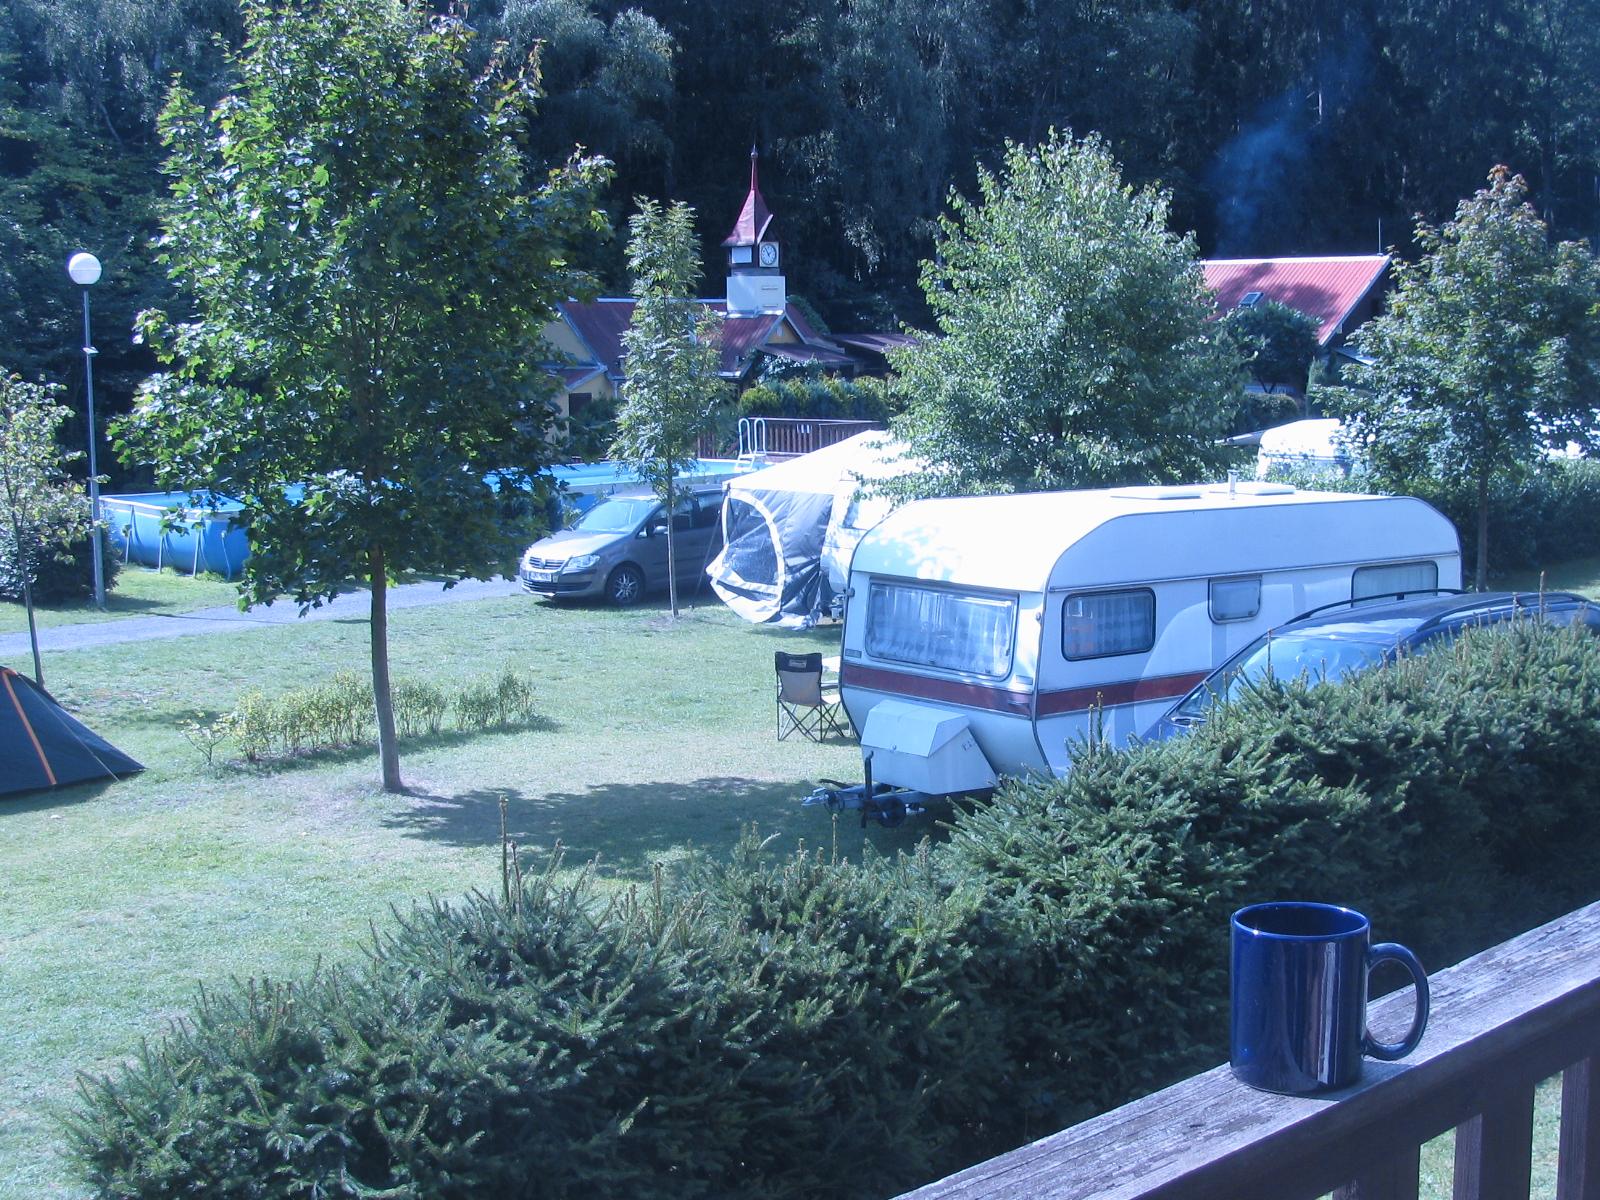 http://www.kempy-chaty.cz/sites/default/files/turistika/img_0025.jpg